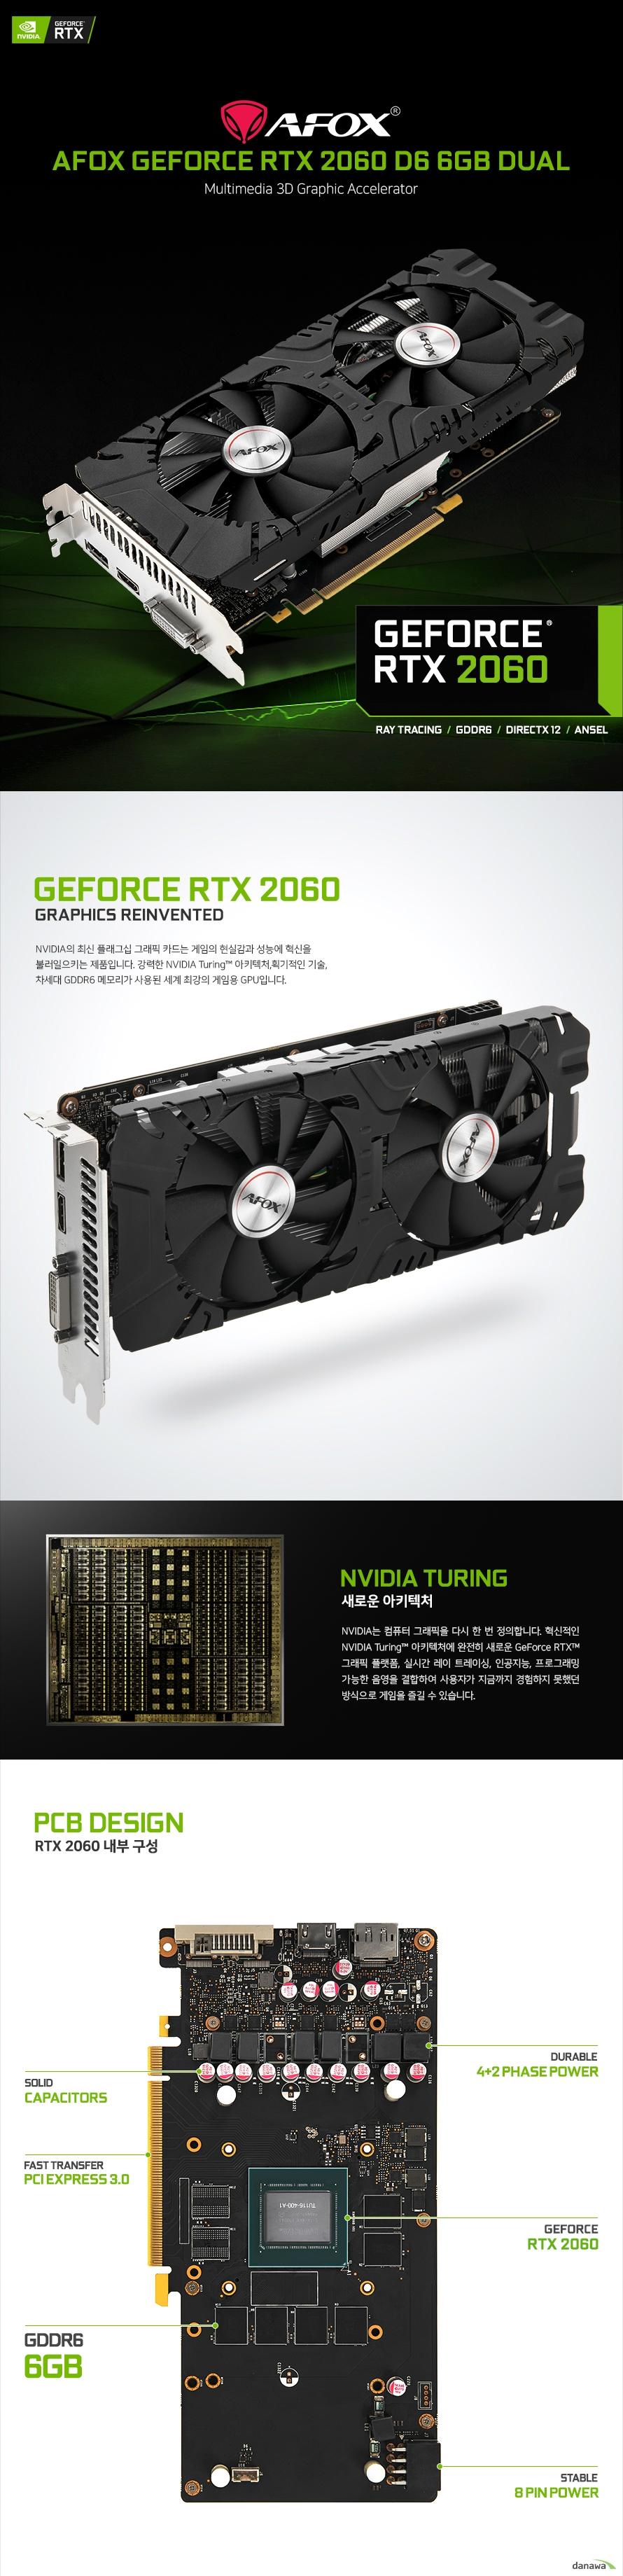 AFOX 지포스 RTX 2060 D6 6GB DUAL 백플레이트 상세 스펙 지포스 RTX 2060 / 12nm / 1365MHz , 부스트 1680MHz / 1920개 / PCIe3.0x16 / GDDR6(DDR6) / 14000MHz / 6GB / 192-bit / DVI / HDMI / DP / 최대 모니터 3개 / 최대 190W / 정격파워 500W 이상 / 전원부: 4+2페이즈 / 2개 팬 / 240mm / 백플레이트